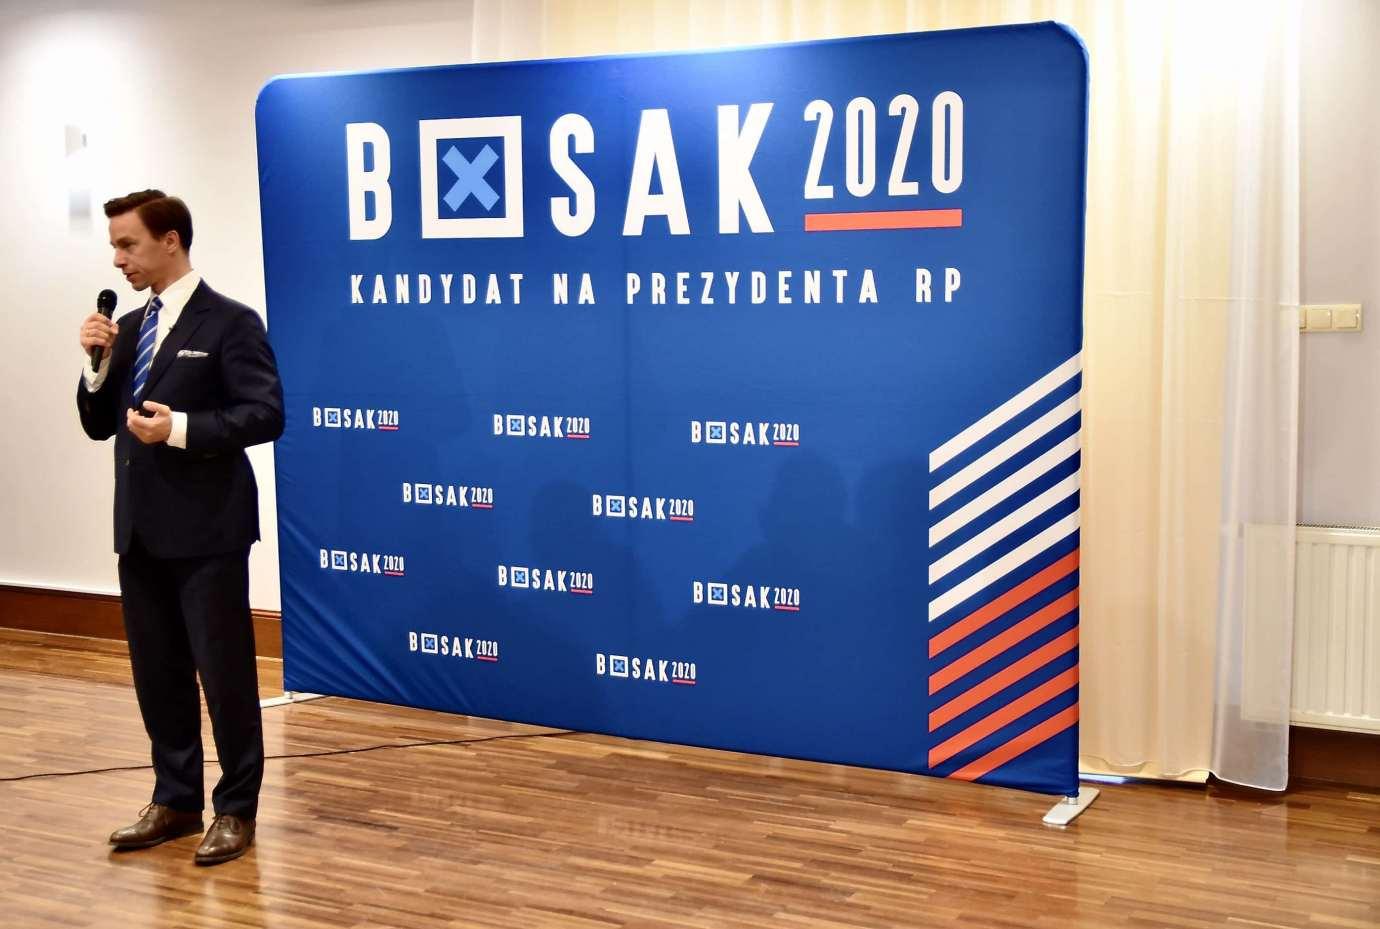 dsc 6688 1 Krzysztof Bosak w Zamościu. Zdjęcia i film